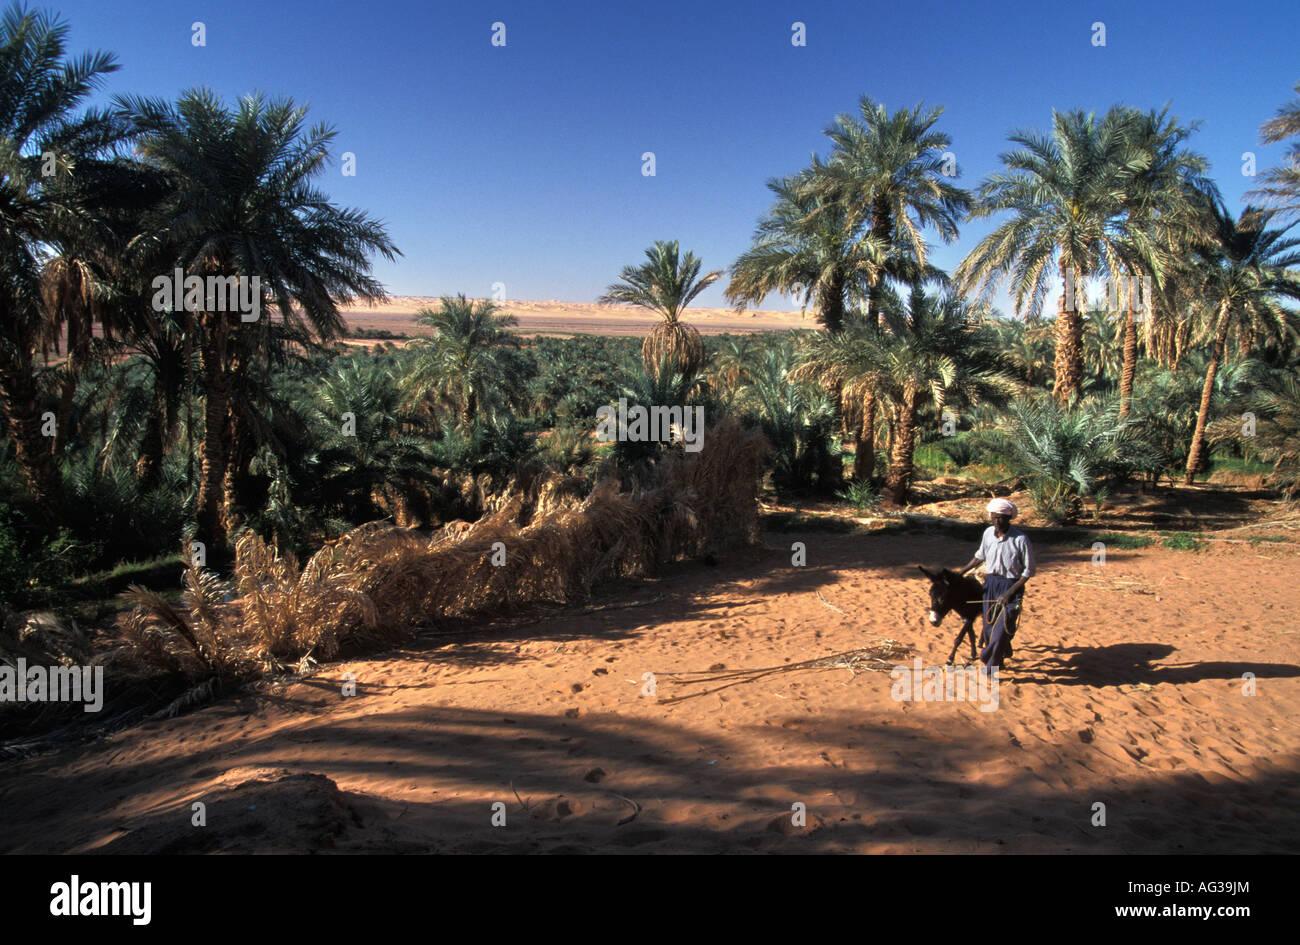 Algeria Timimoun Man walking with donkey - Stock Image